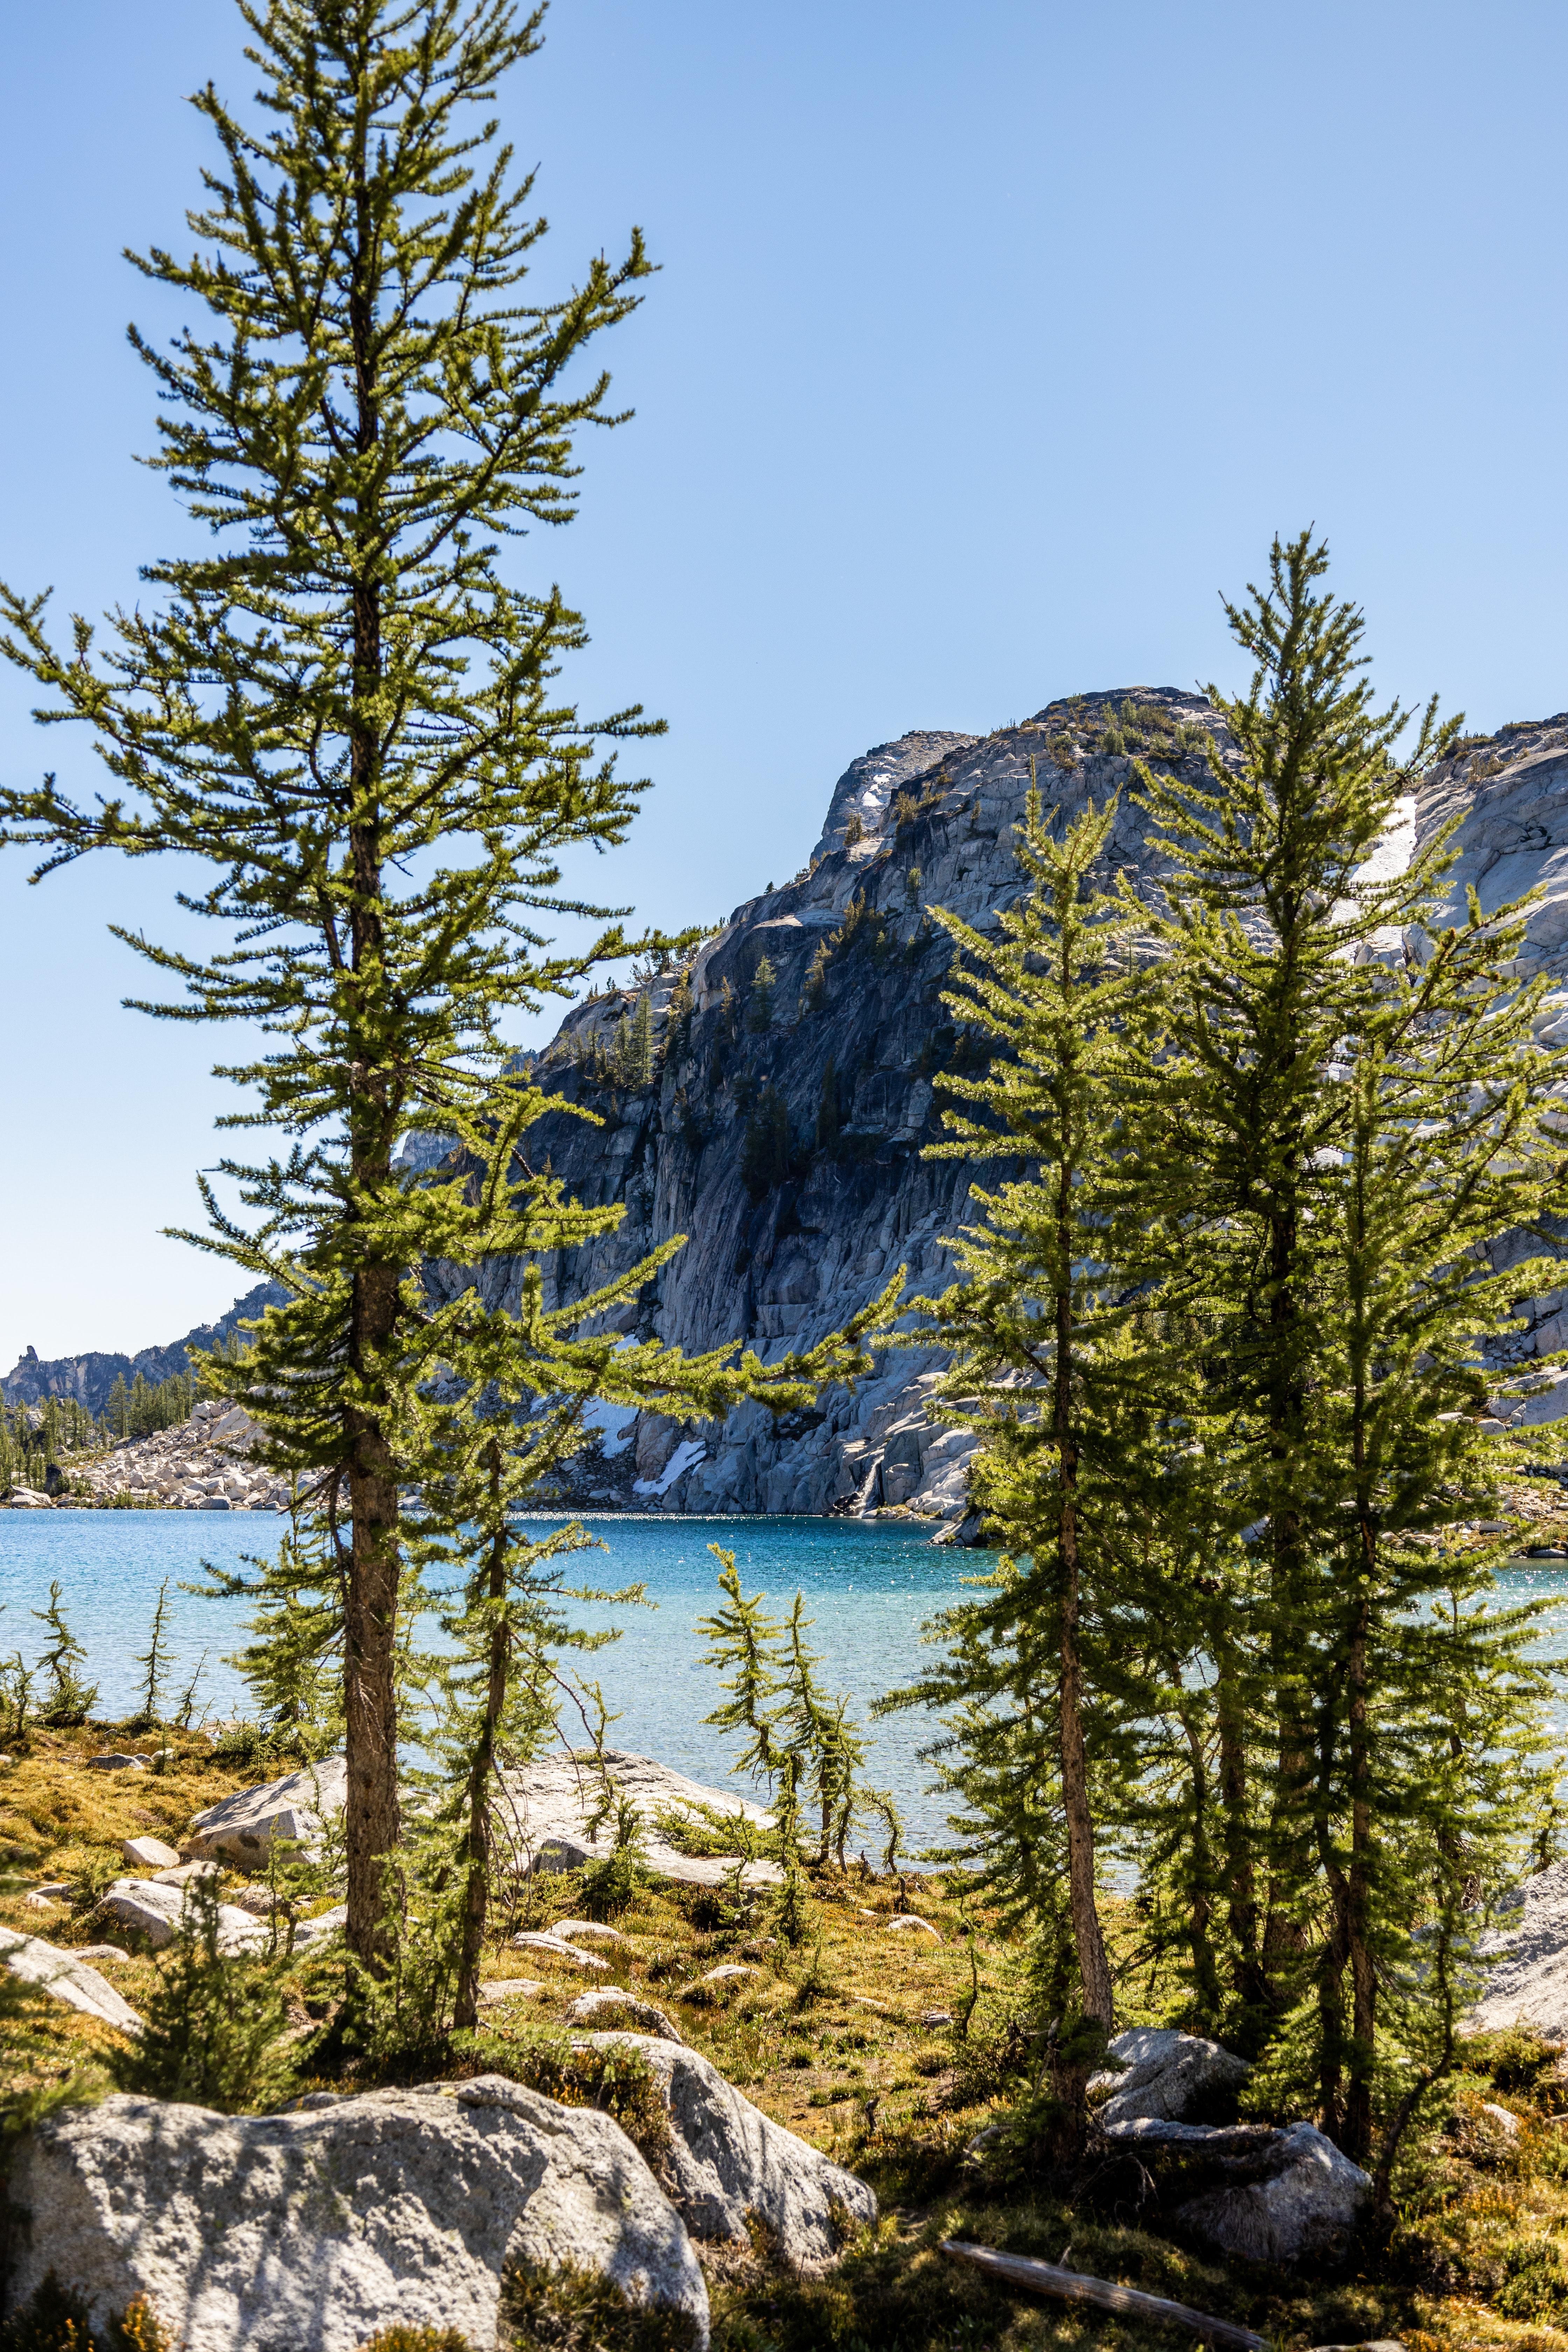 82743 скачать обои Деревья, Озеро, Гора, Природа, Сосны - заставки и картинки бесплатно